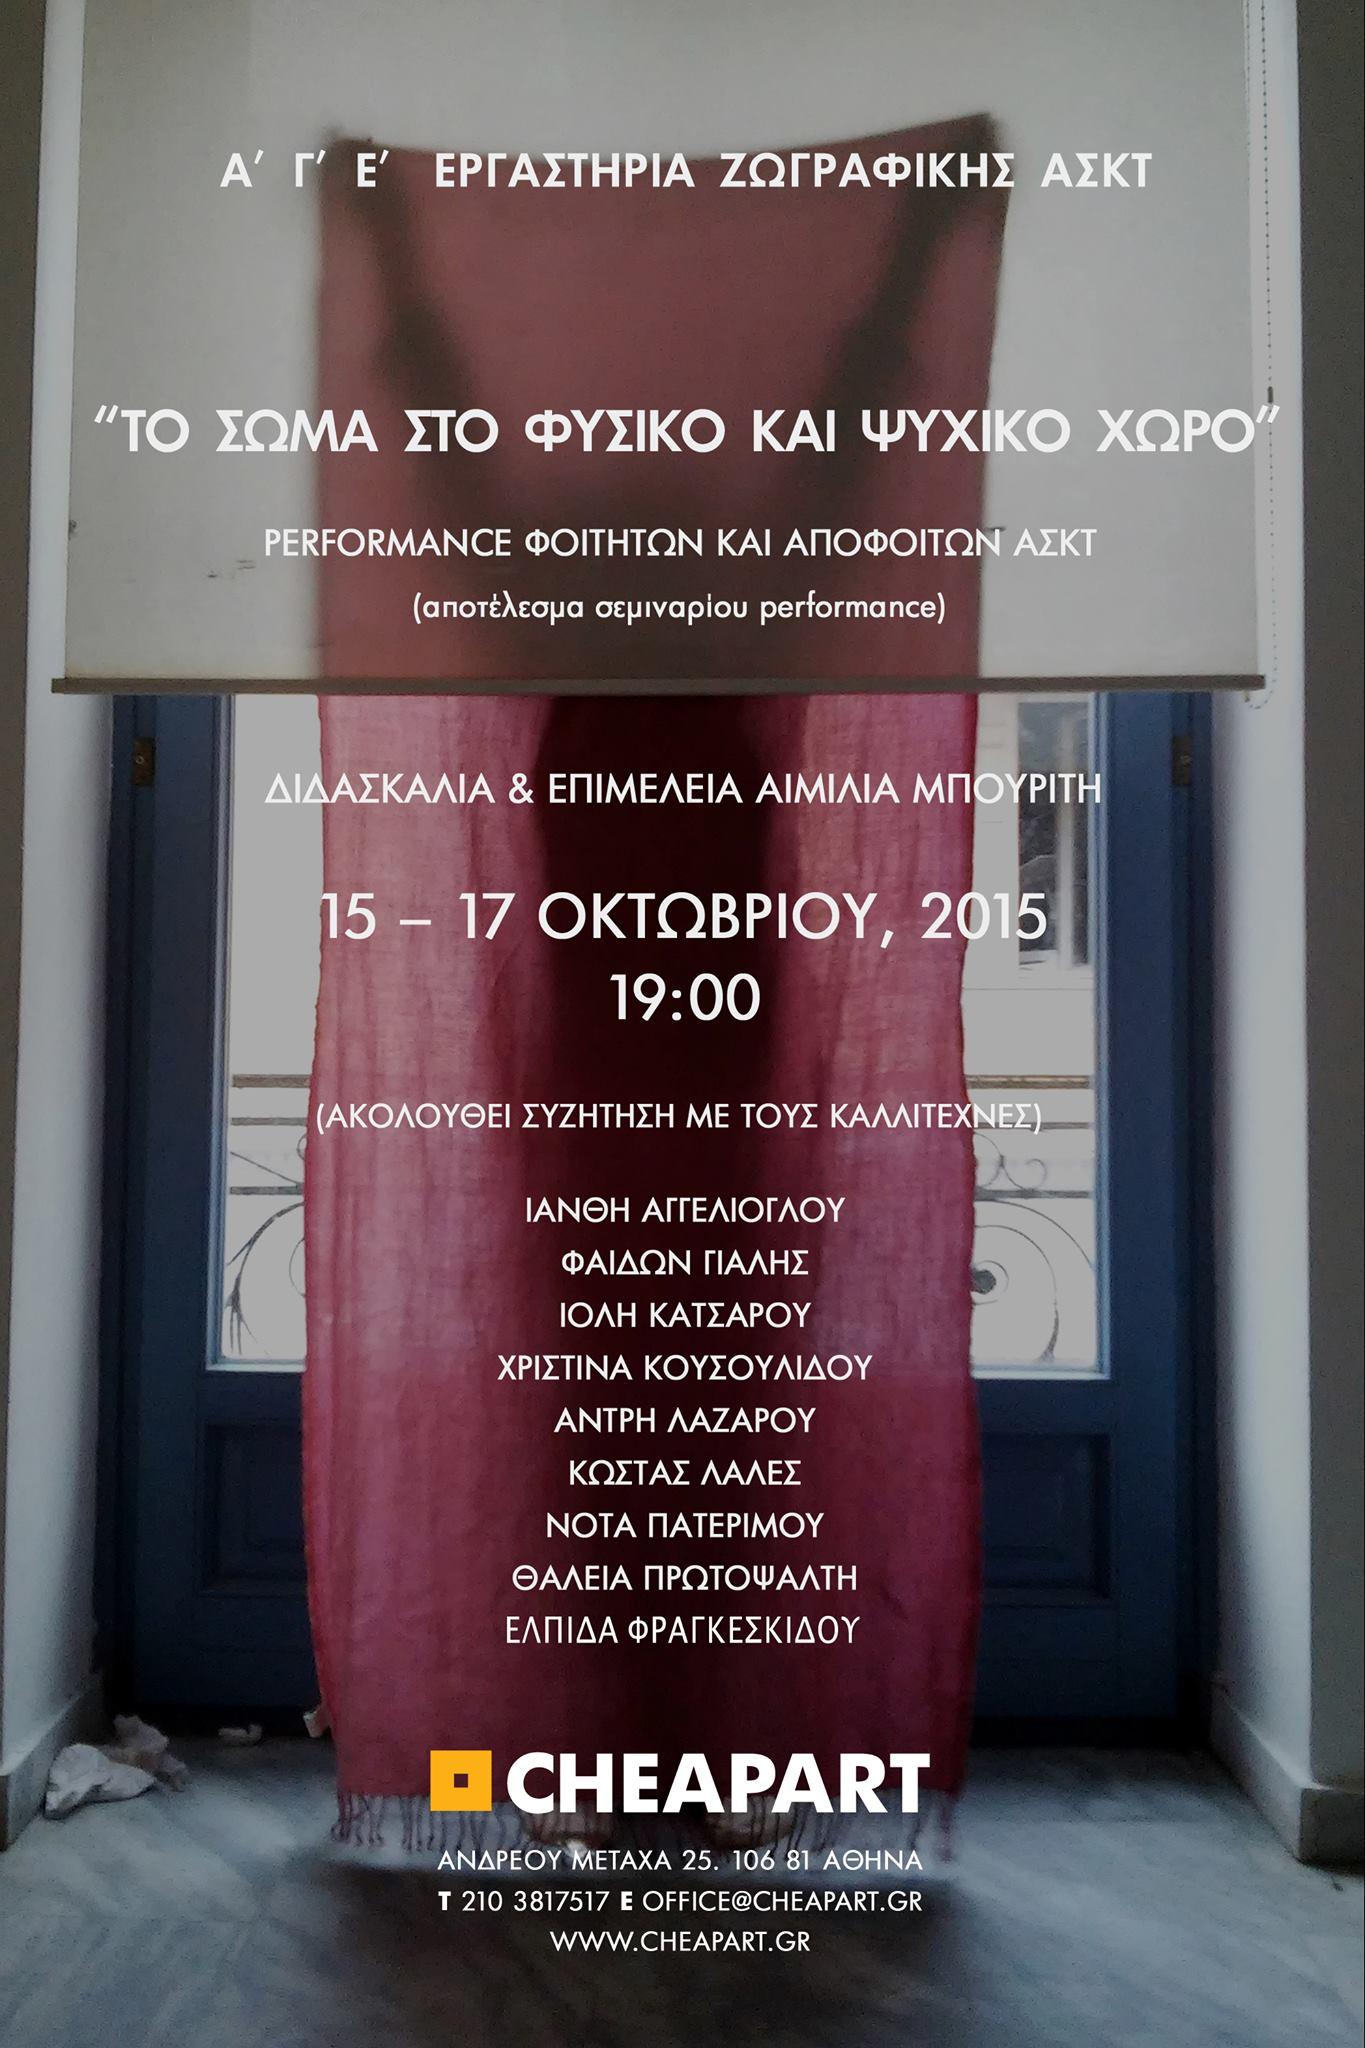 """""""Το σώμα στο φυσικό και ψυχικό χώρο"""" Performances: Φοιτητών και Αποφοίτων ΑΣΚΤ"""